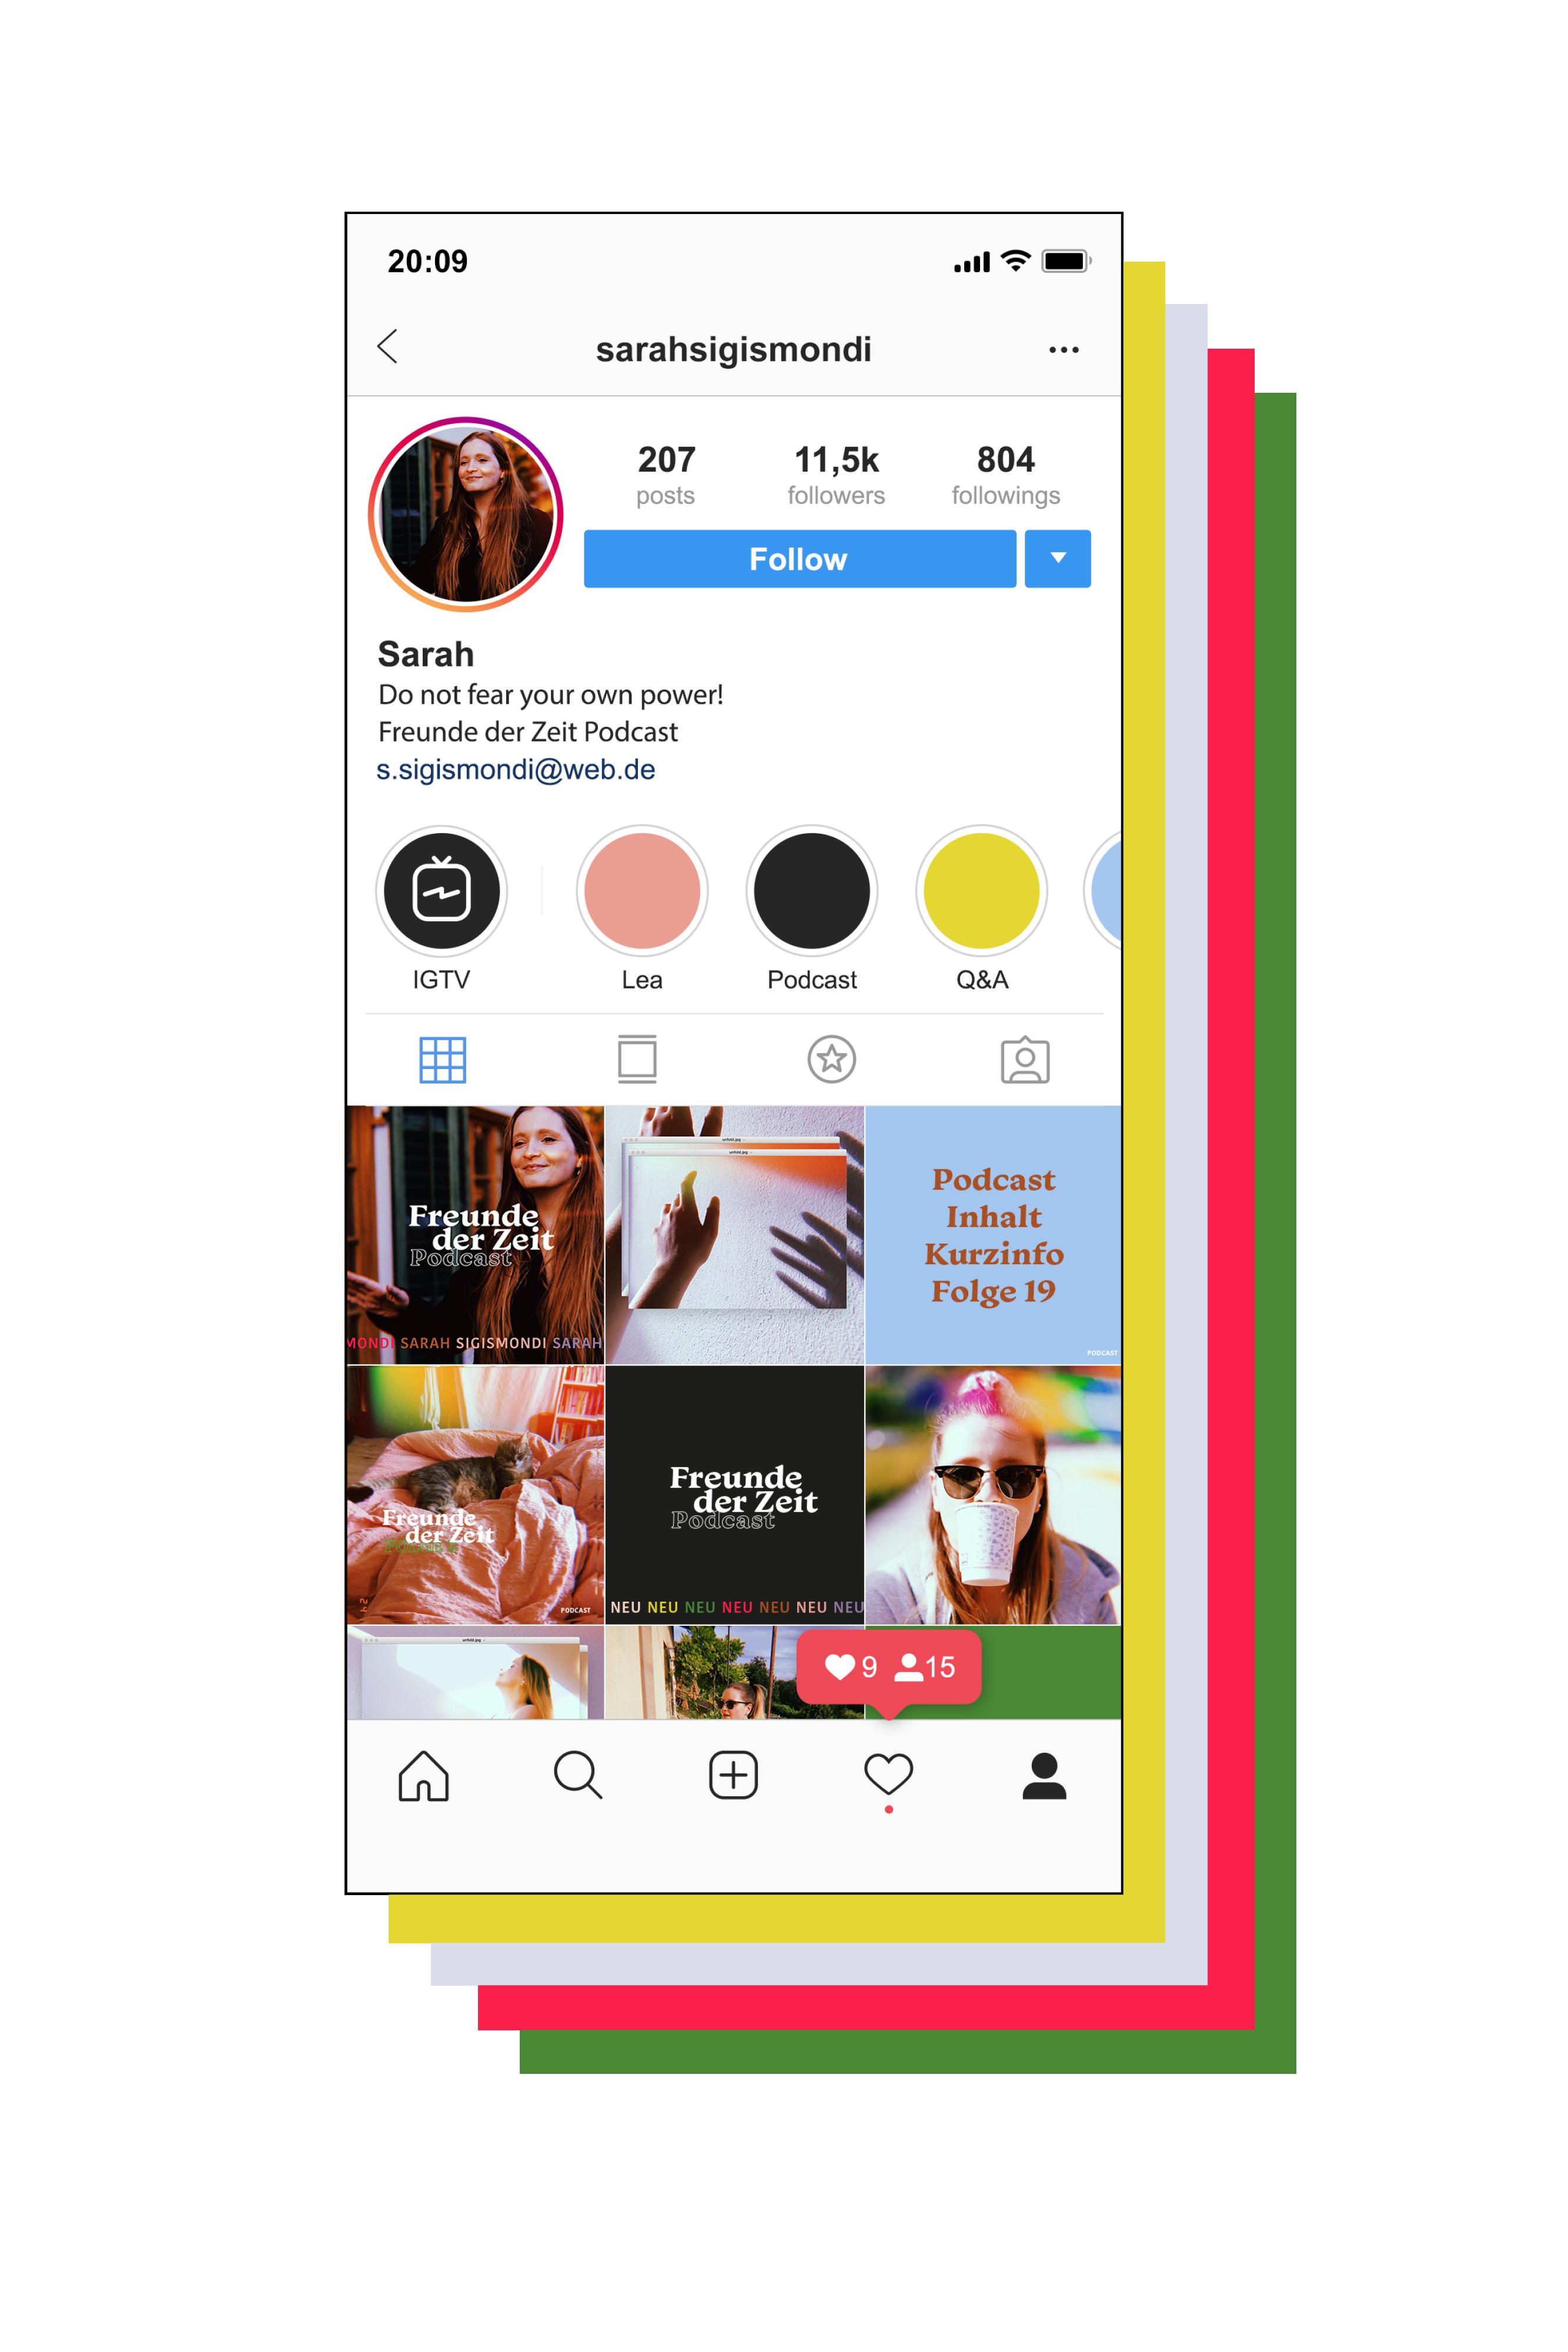 Freunde der Zeit Podcast von Sarah Sigismondi. Grafikdesign für Instagram und Podcast von Simone Angerer.